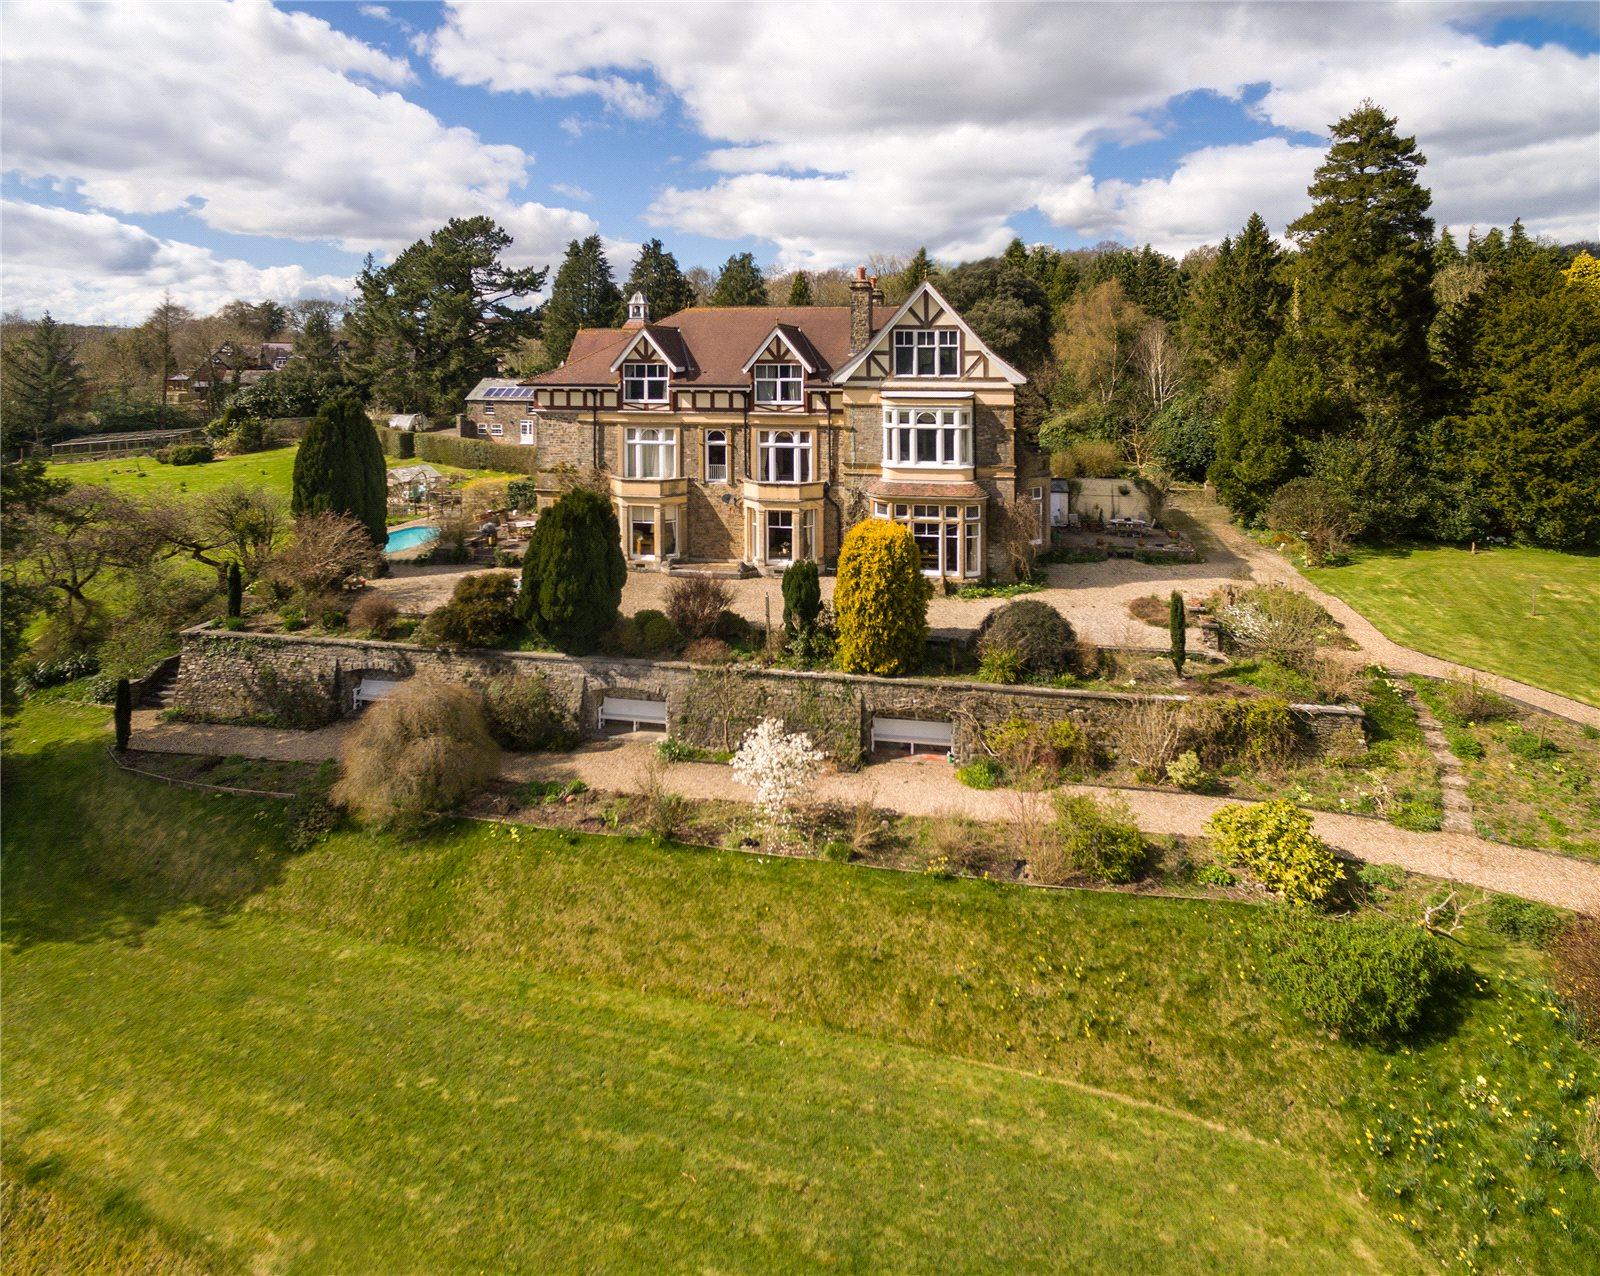 独户住宅 为 销售 在 Wonham, Bampton, Tiverton, Devon, EX16 Tiverton, 英格兰